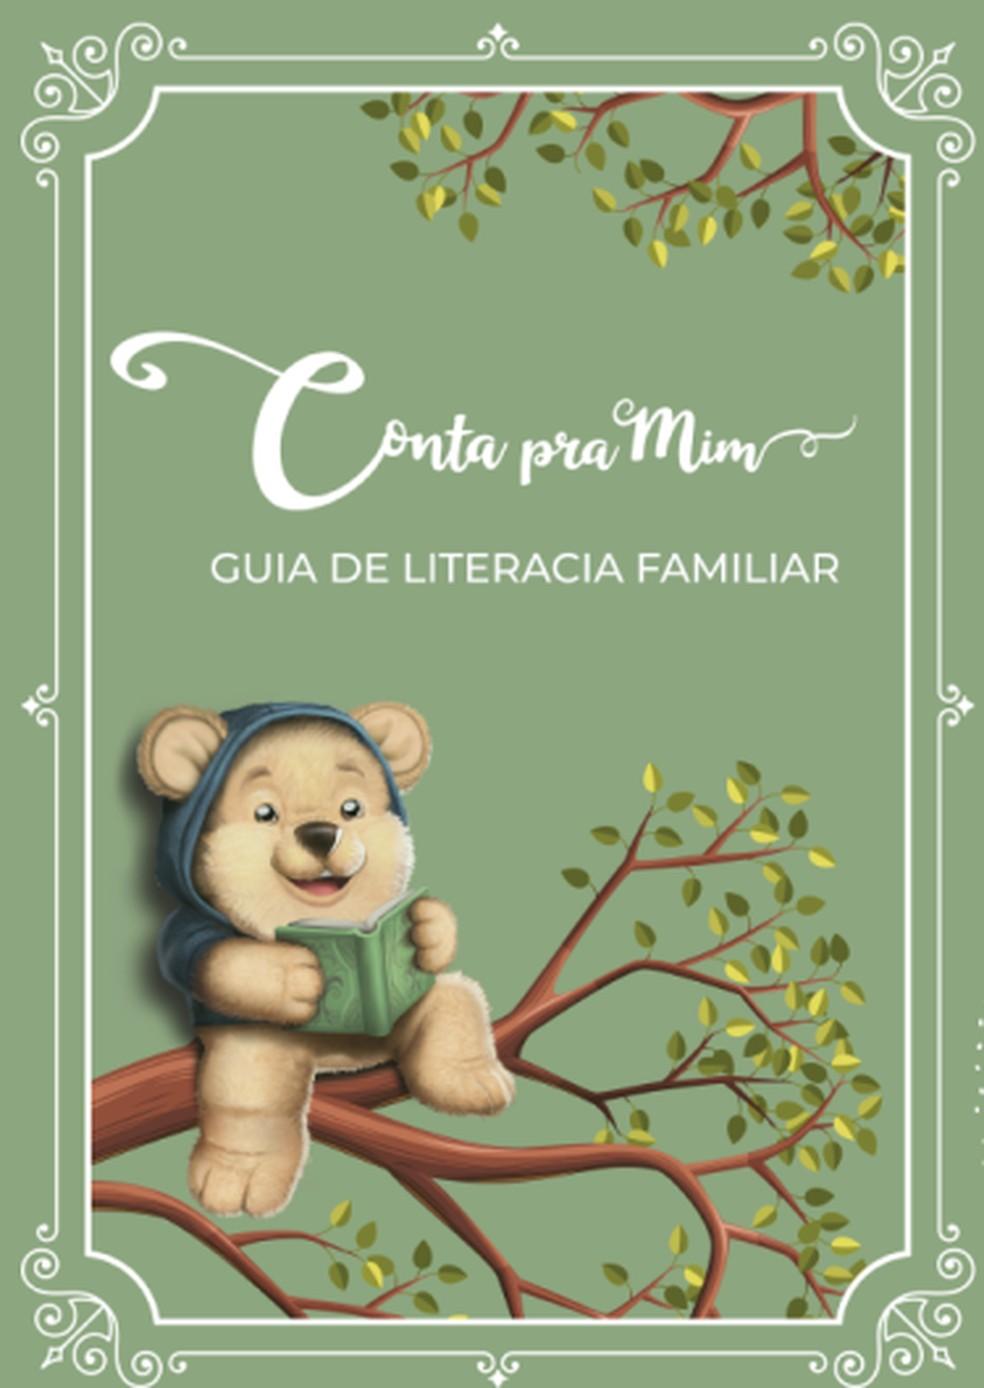 Personalidades ligadas à área da leitura e do livro, pesquisadores, educadores e bibliotecários lançaram um manifesto contra o programa Conta pra Mim